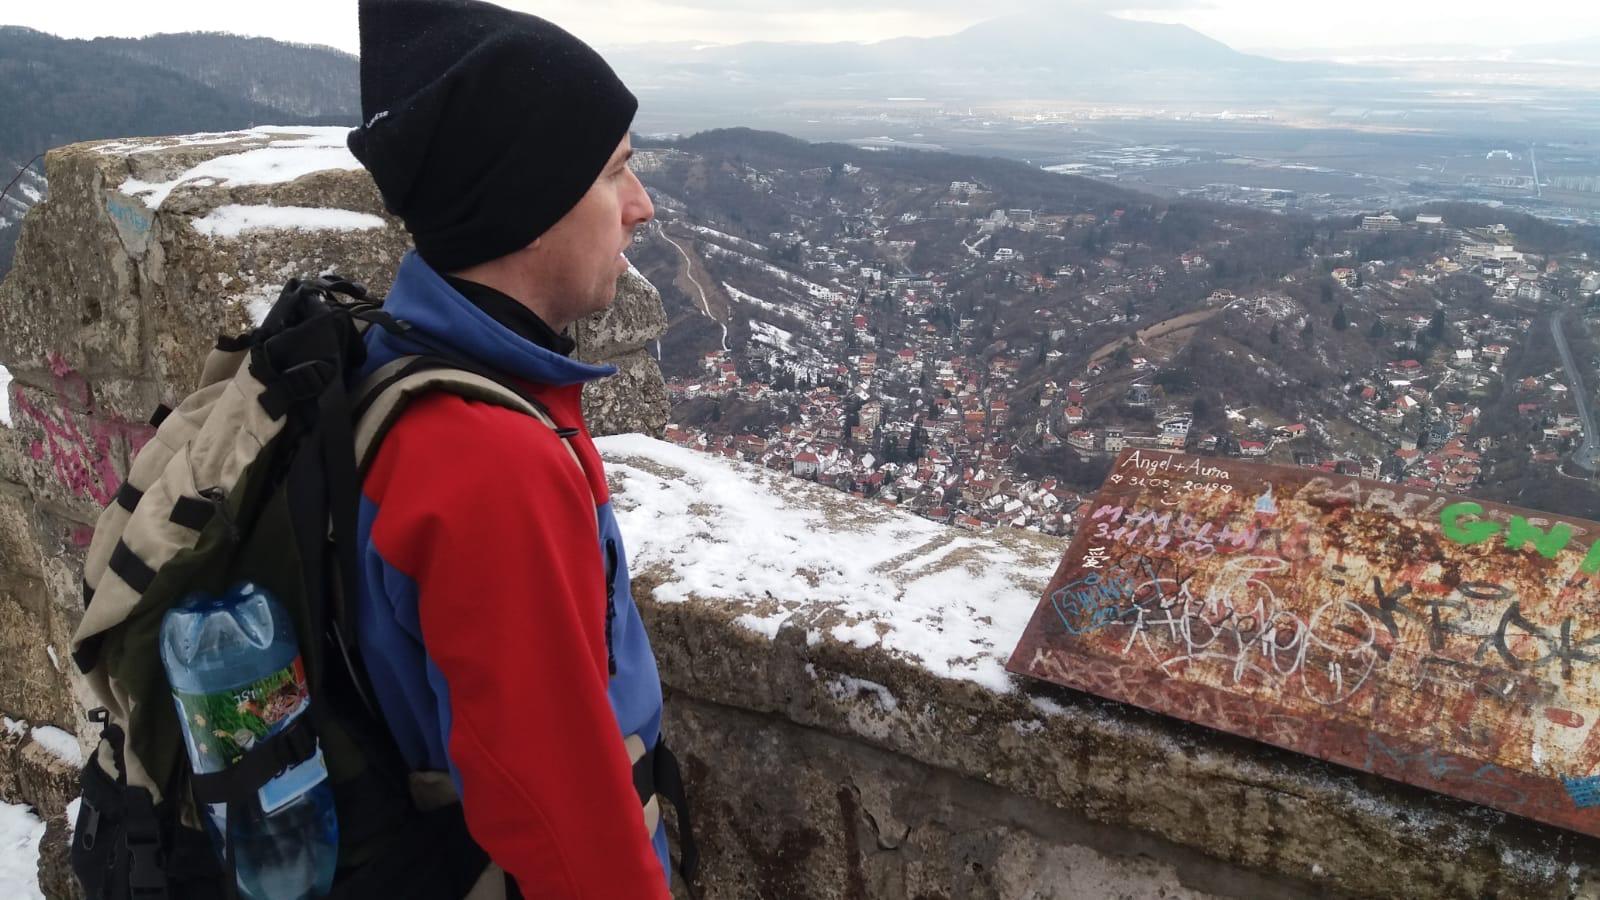 Exclusiv. Vedere de pe Tâmpa. Cetatea Brașoviei, Mircea cel Bătrân și durerea unei inscripții: Angel+Aura=love